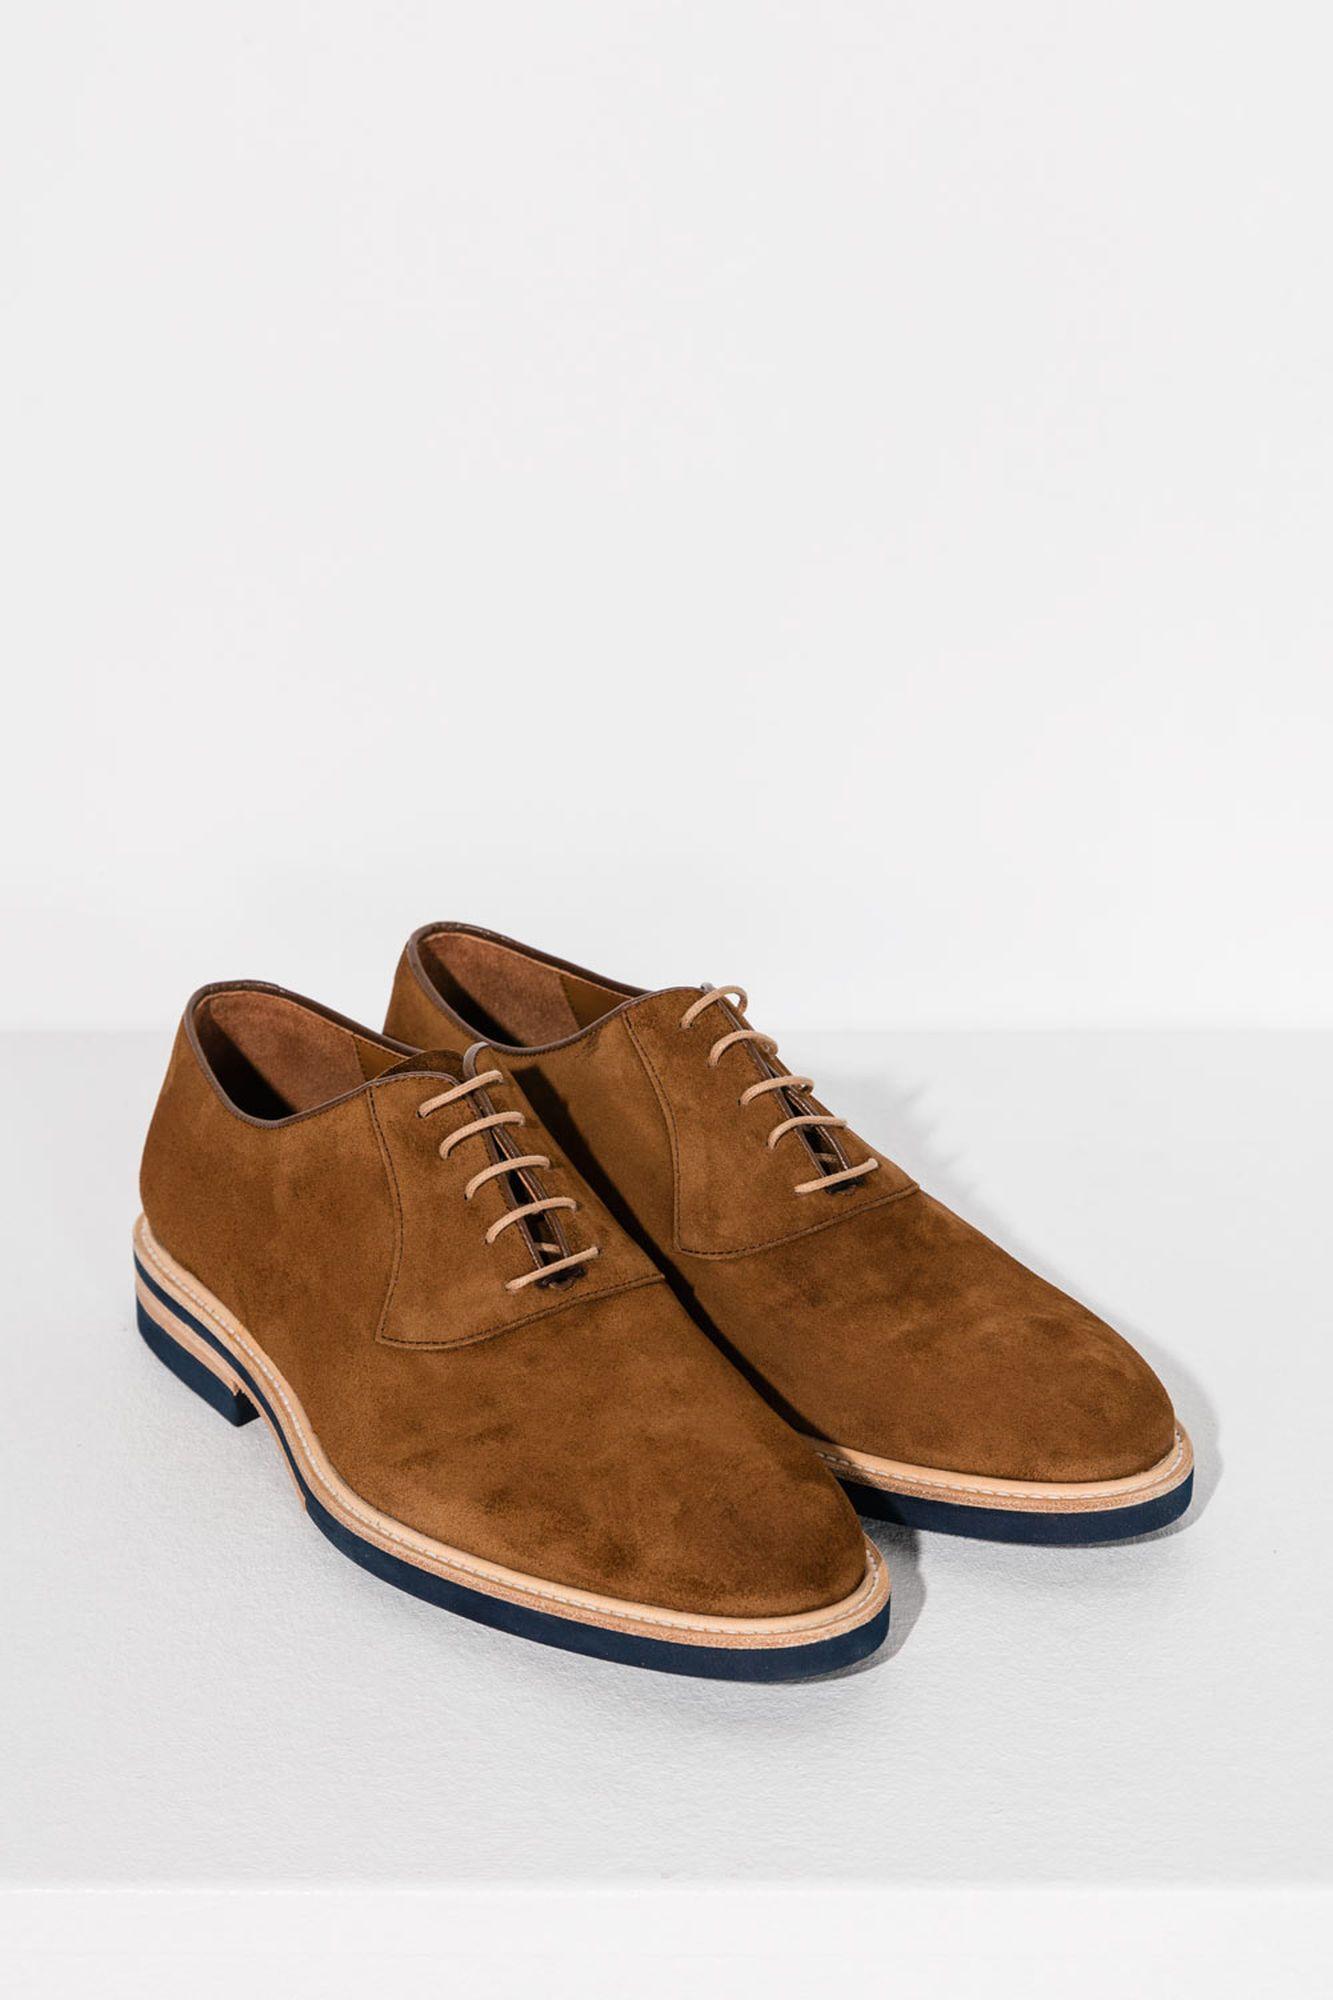 Sapatos Tweed Oxford Camurça | Sapatos casuais | Dott.pt